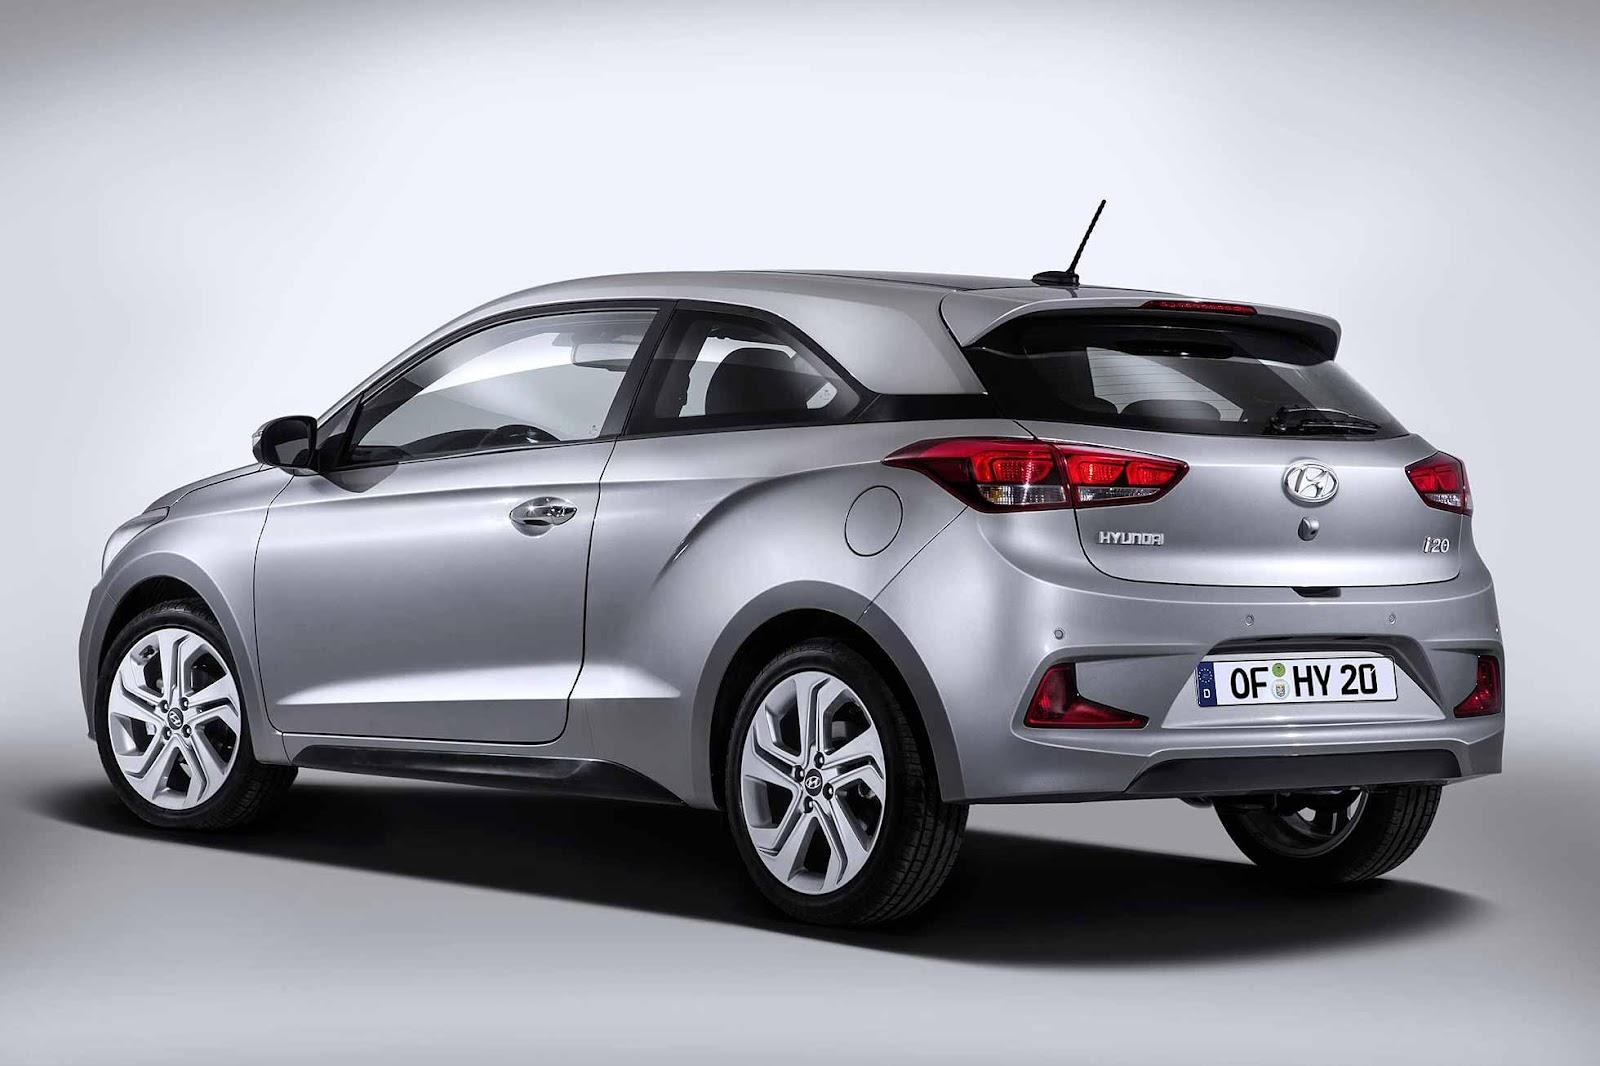 Image result for 3. Hyundai i20